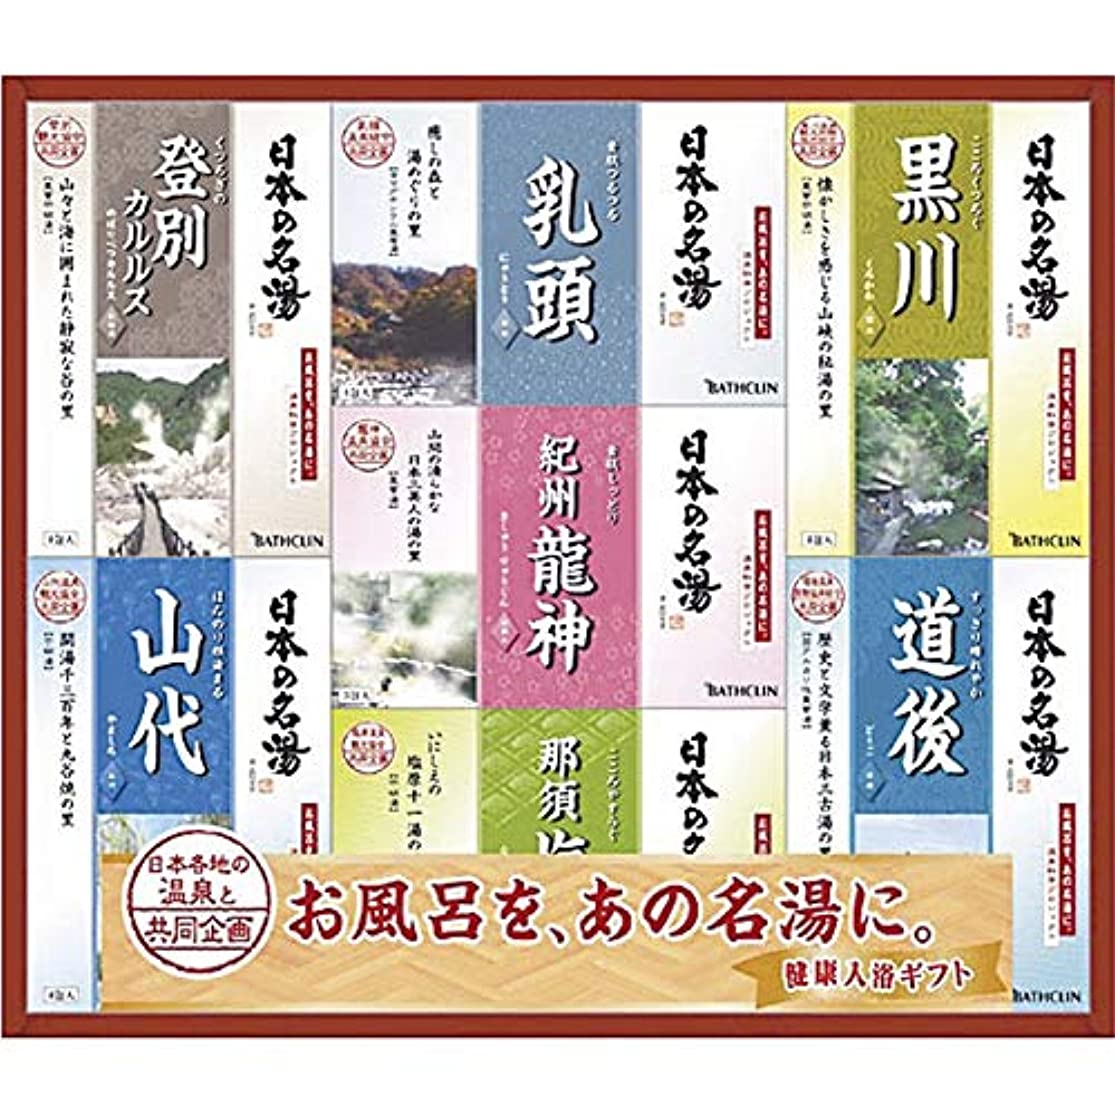 建築驚かす見ましたバスクリン 日本の名湯 ギフトセット NMG-25F 【個包装 セット 詰め合わせ 疲労回復 ご褒美 贅沢 プチギフト 温まる 温泉 粉 ご当地 まとめ買い 名湯 リラックス 美肌 つめあわせ やさしい やすらぎ】